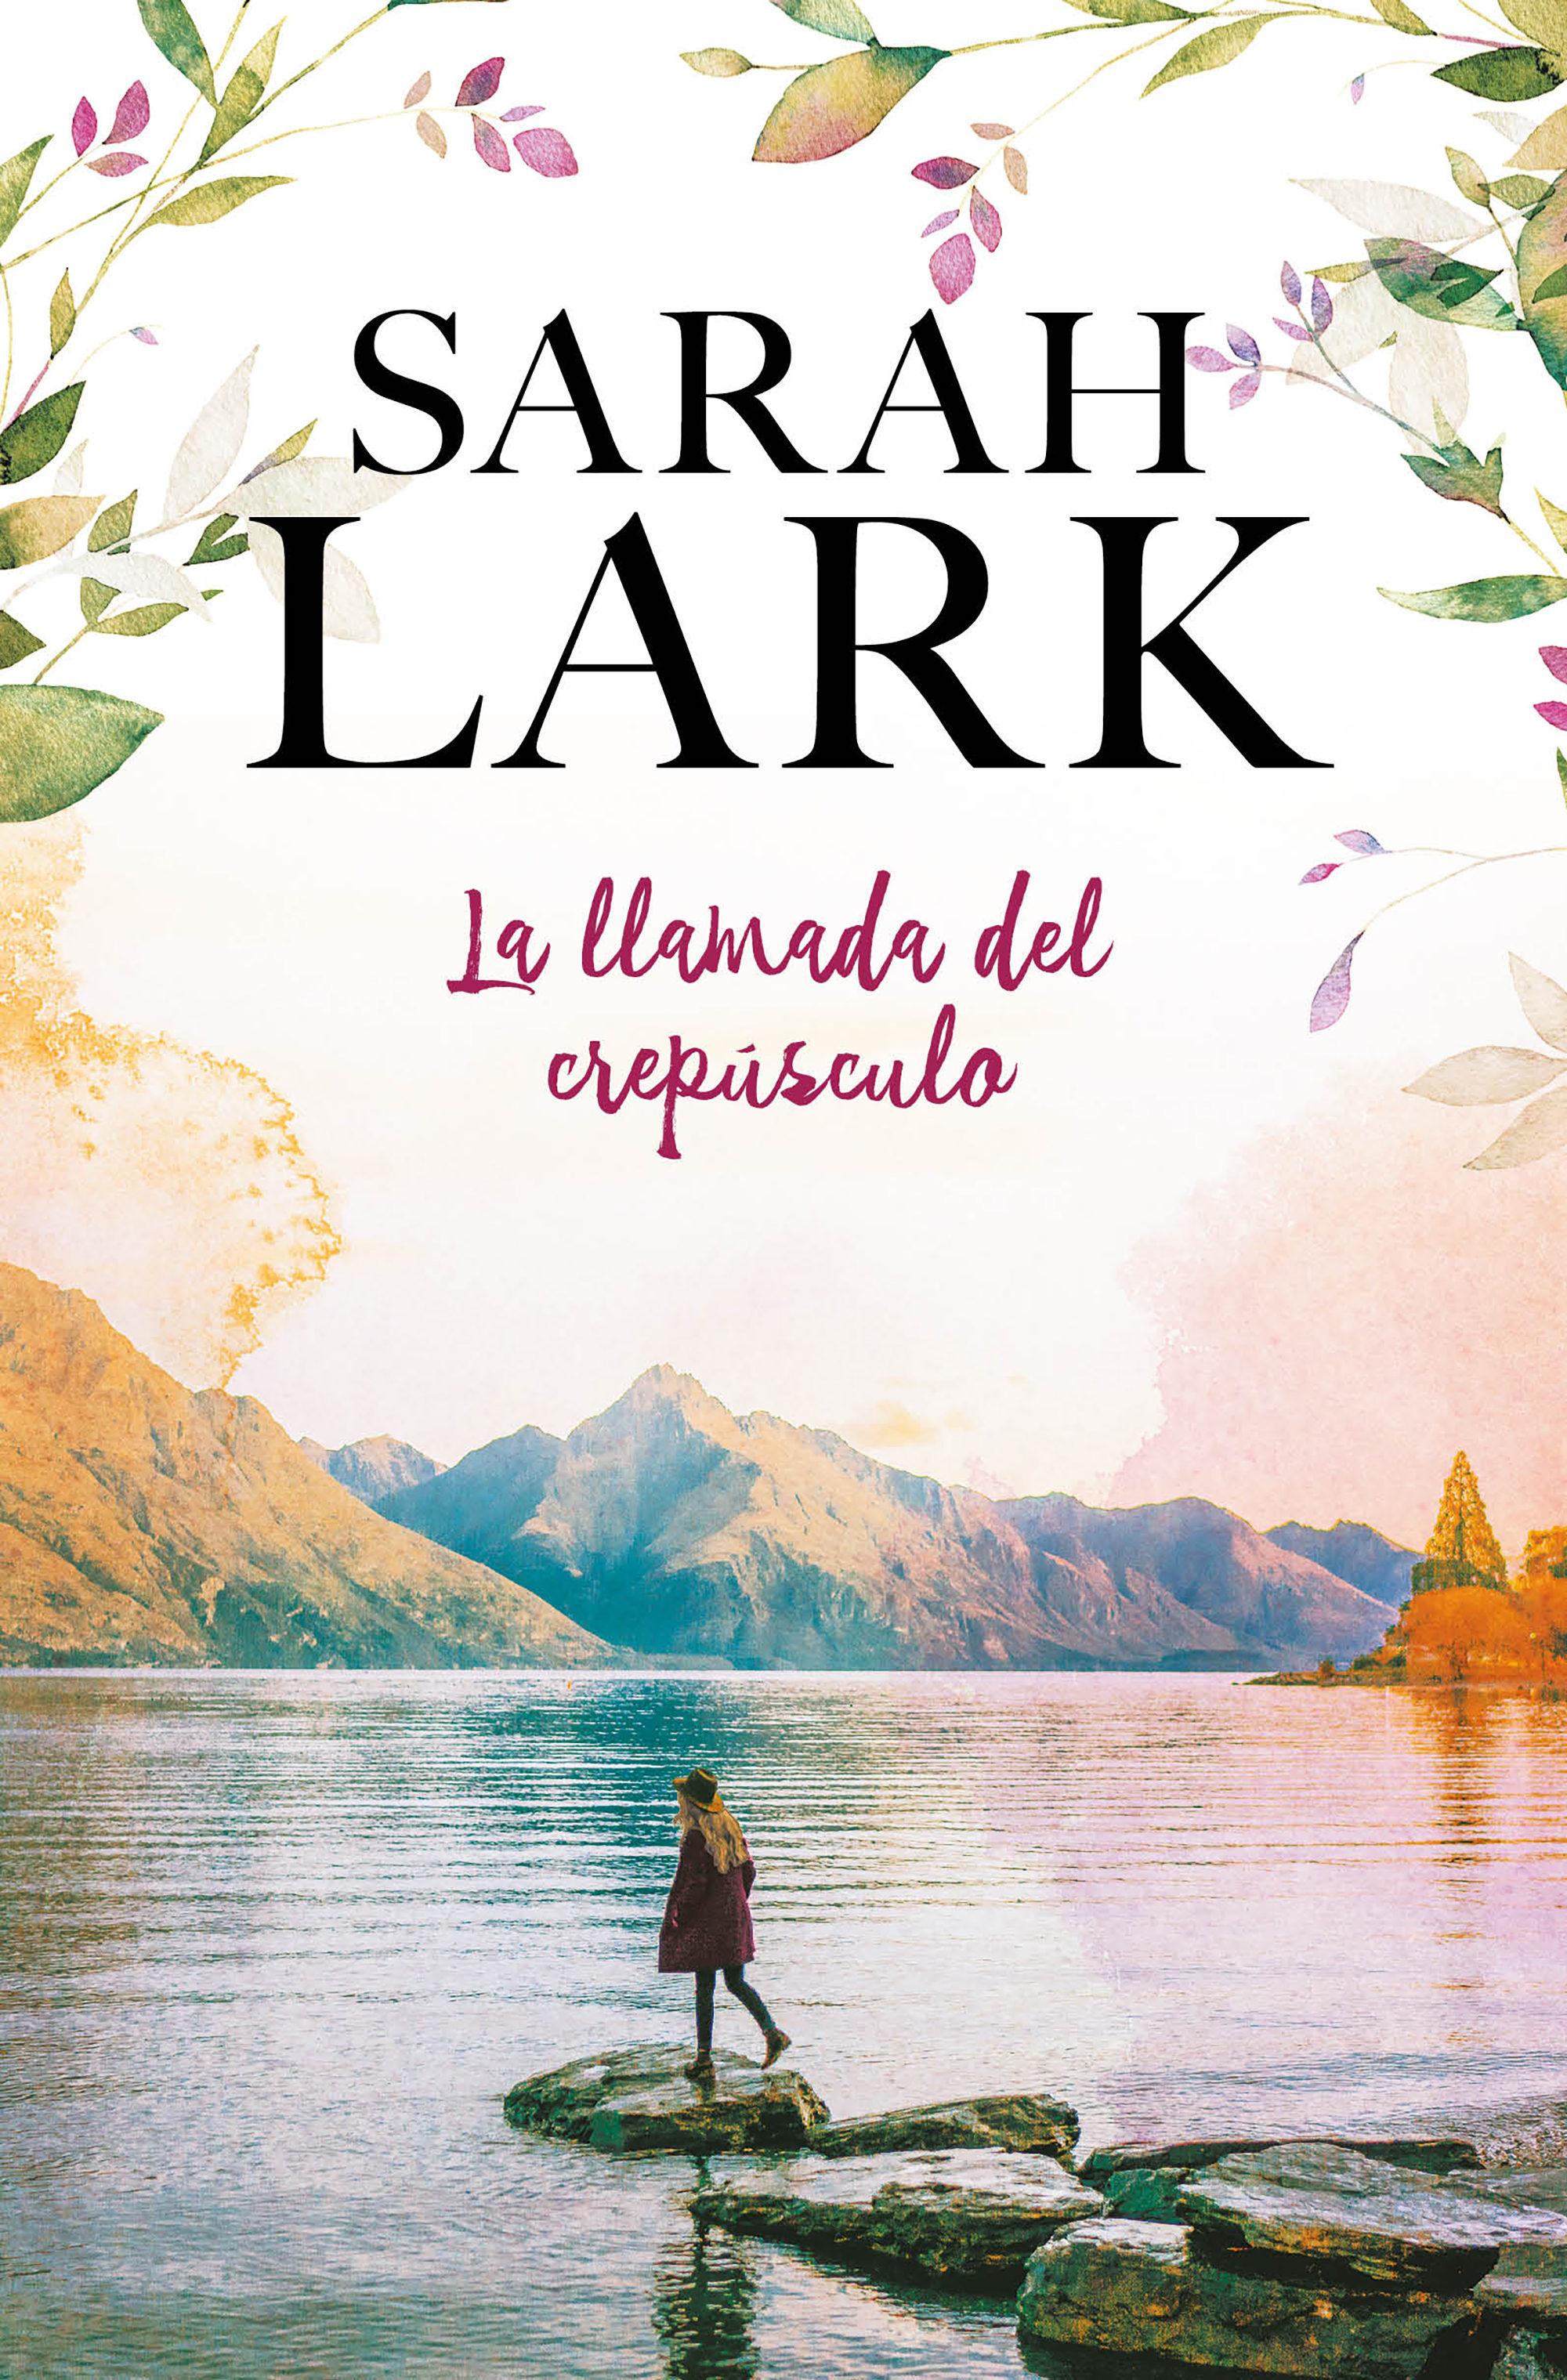 La Llamada del Crepúsculo - Sarah Lark - B De Blok